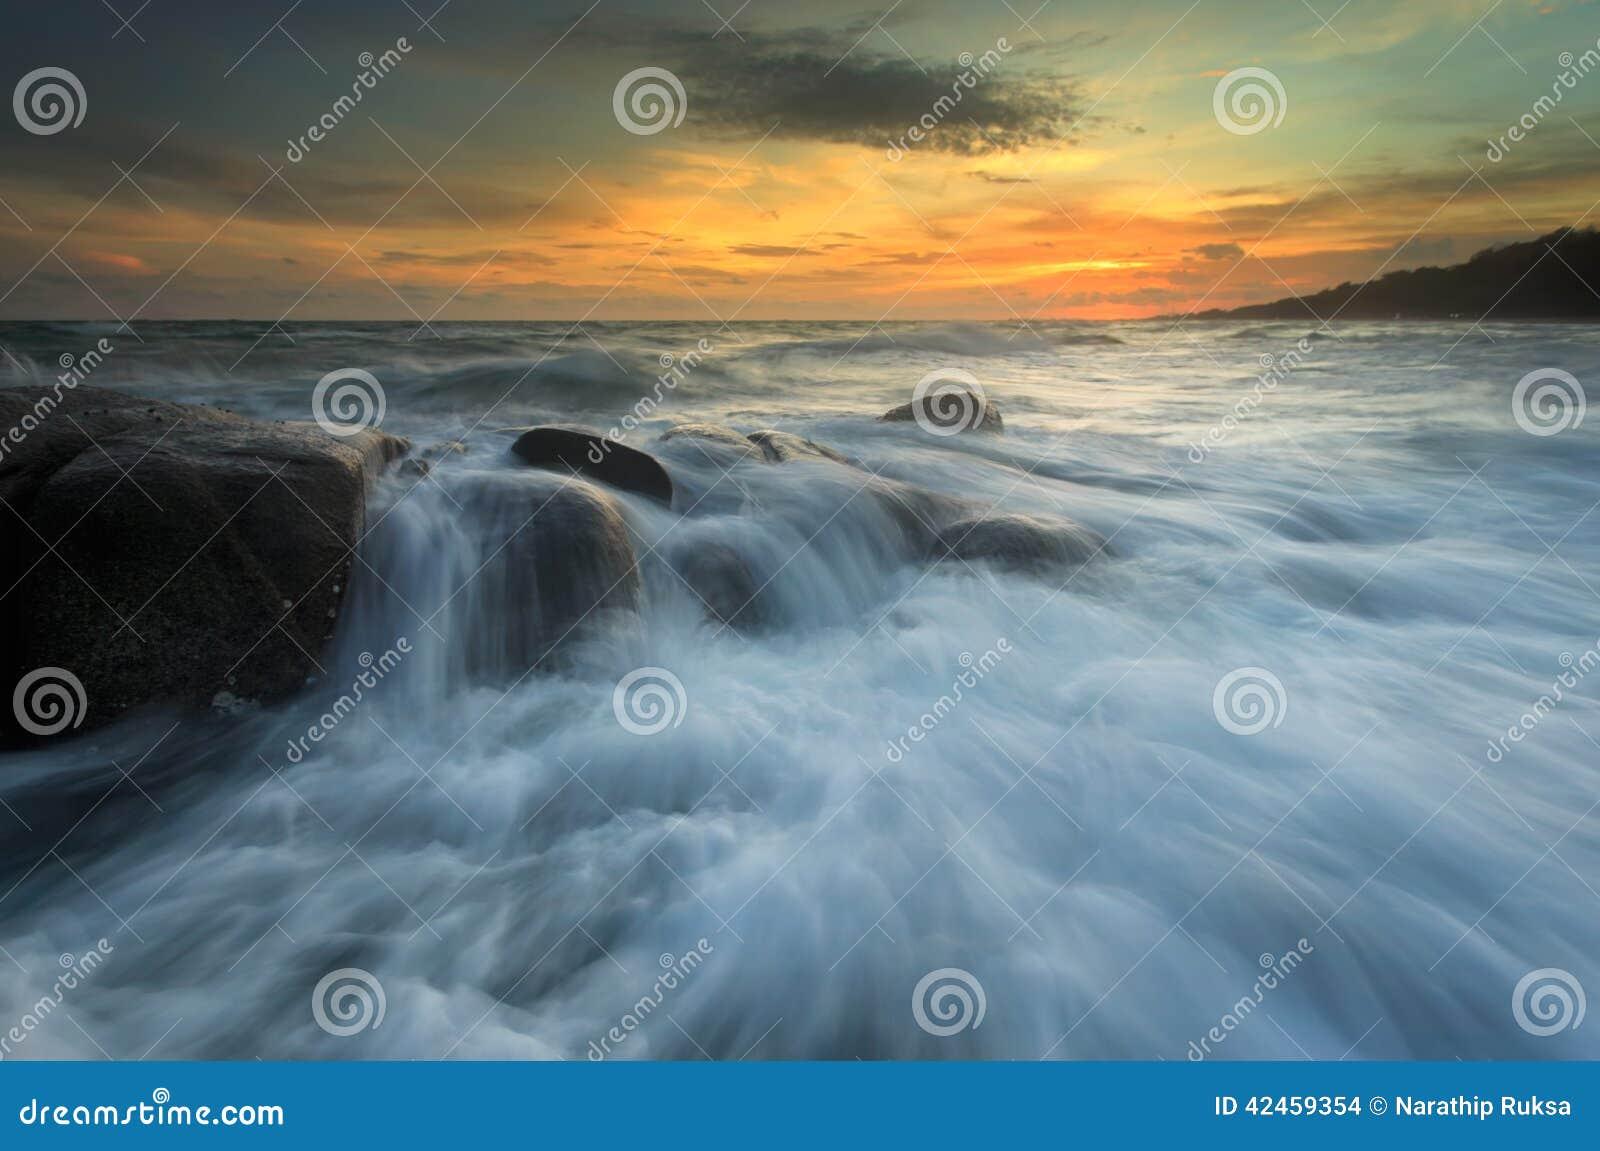 Spritzen der Welle mit schönem Sonnenuntergang